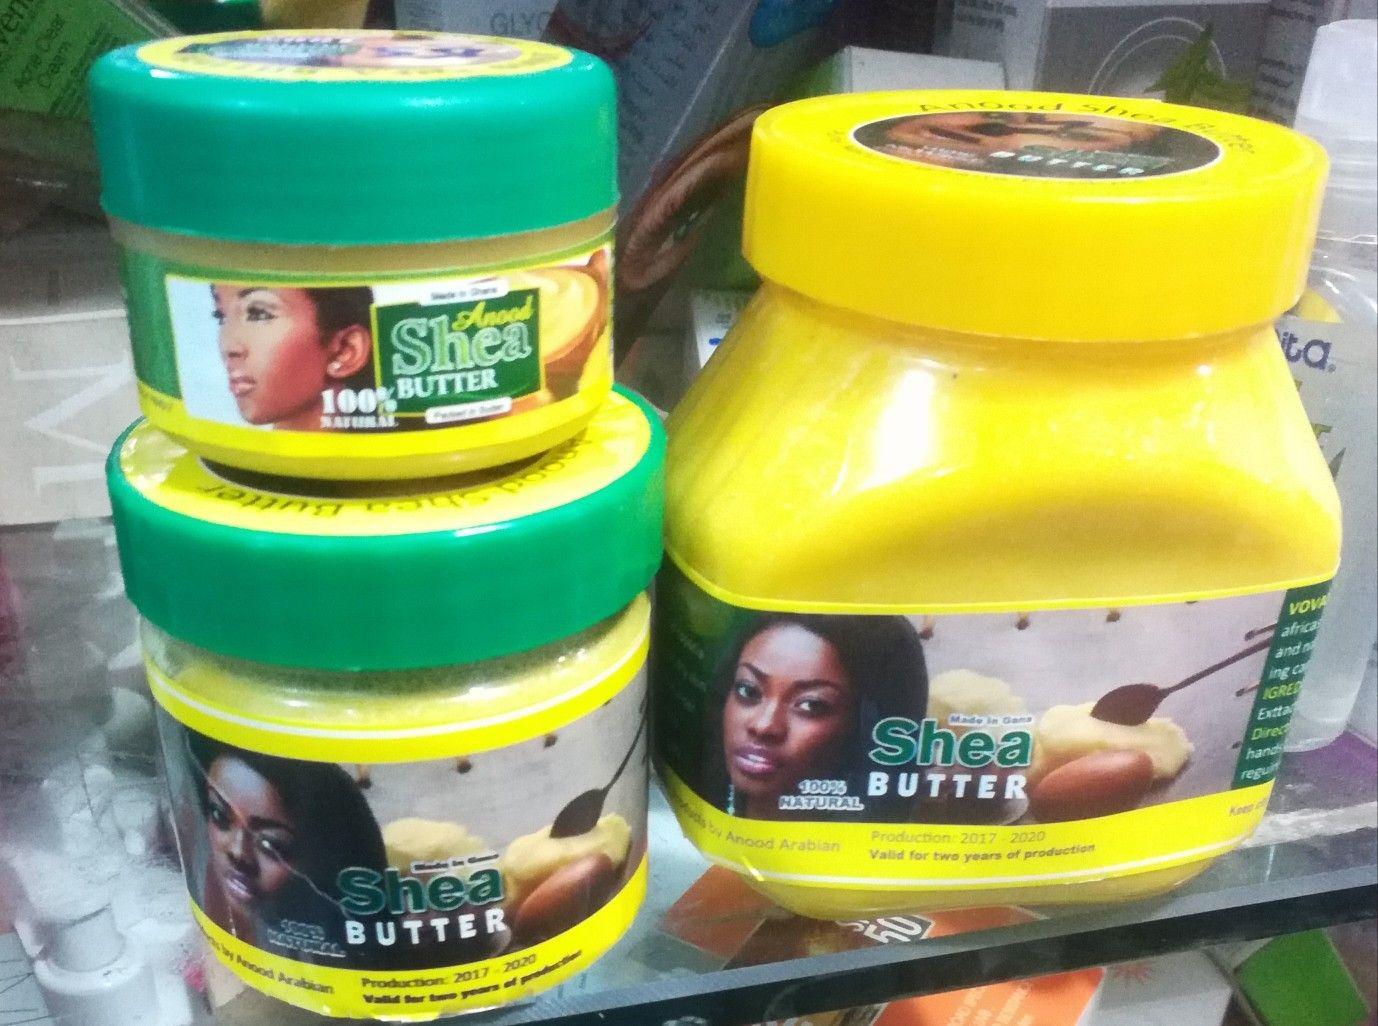 الآن زبدة الشيا الأفريقيه وأصلية 100 خام وخالية من أي إضافات متوفره لدي أبوالروس للأدوية والمعدات الطبية بأحجام مختلفه Gatorade Bottle Gatorade Shea Butter